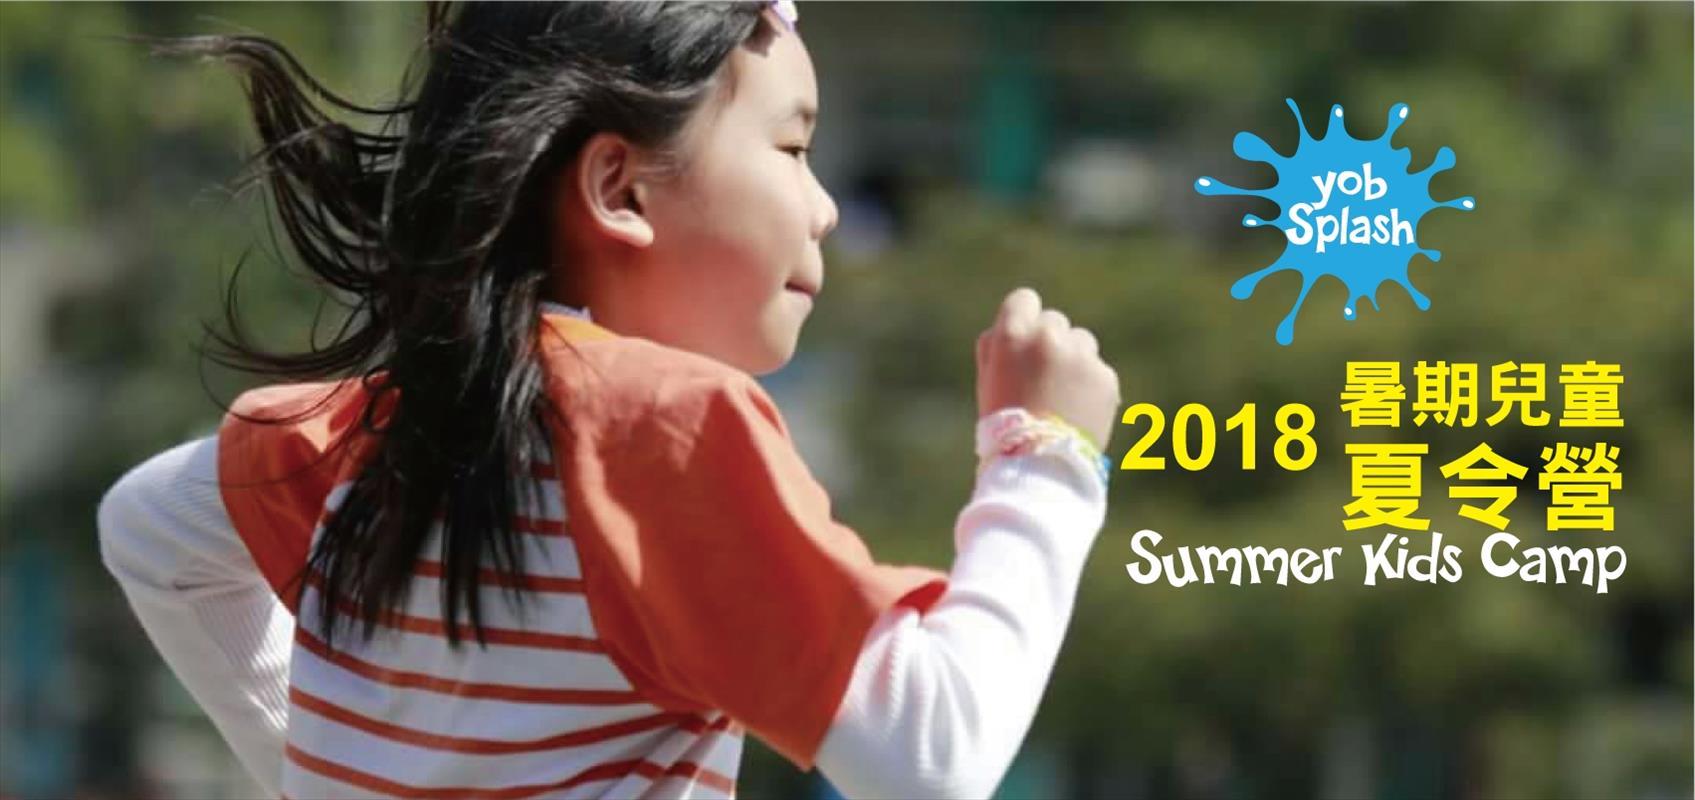 2018暑期兒童夏令營招生中